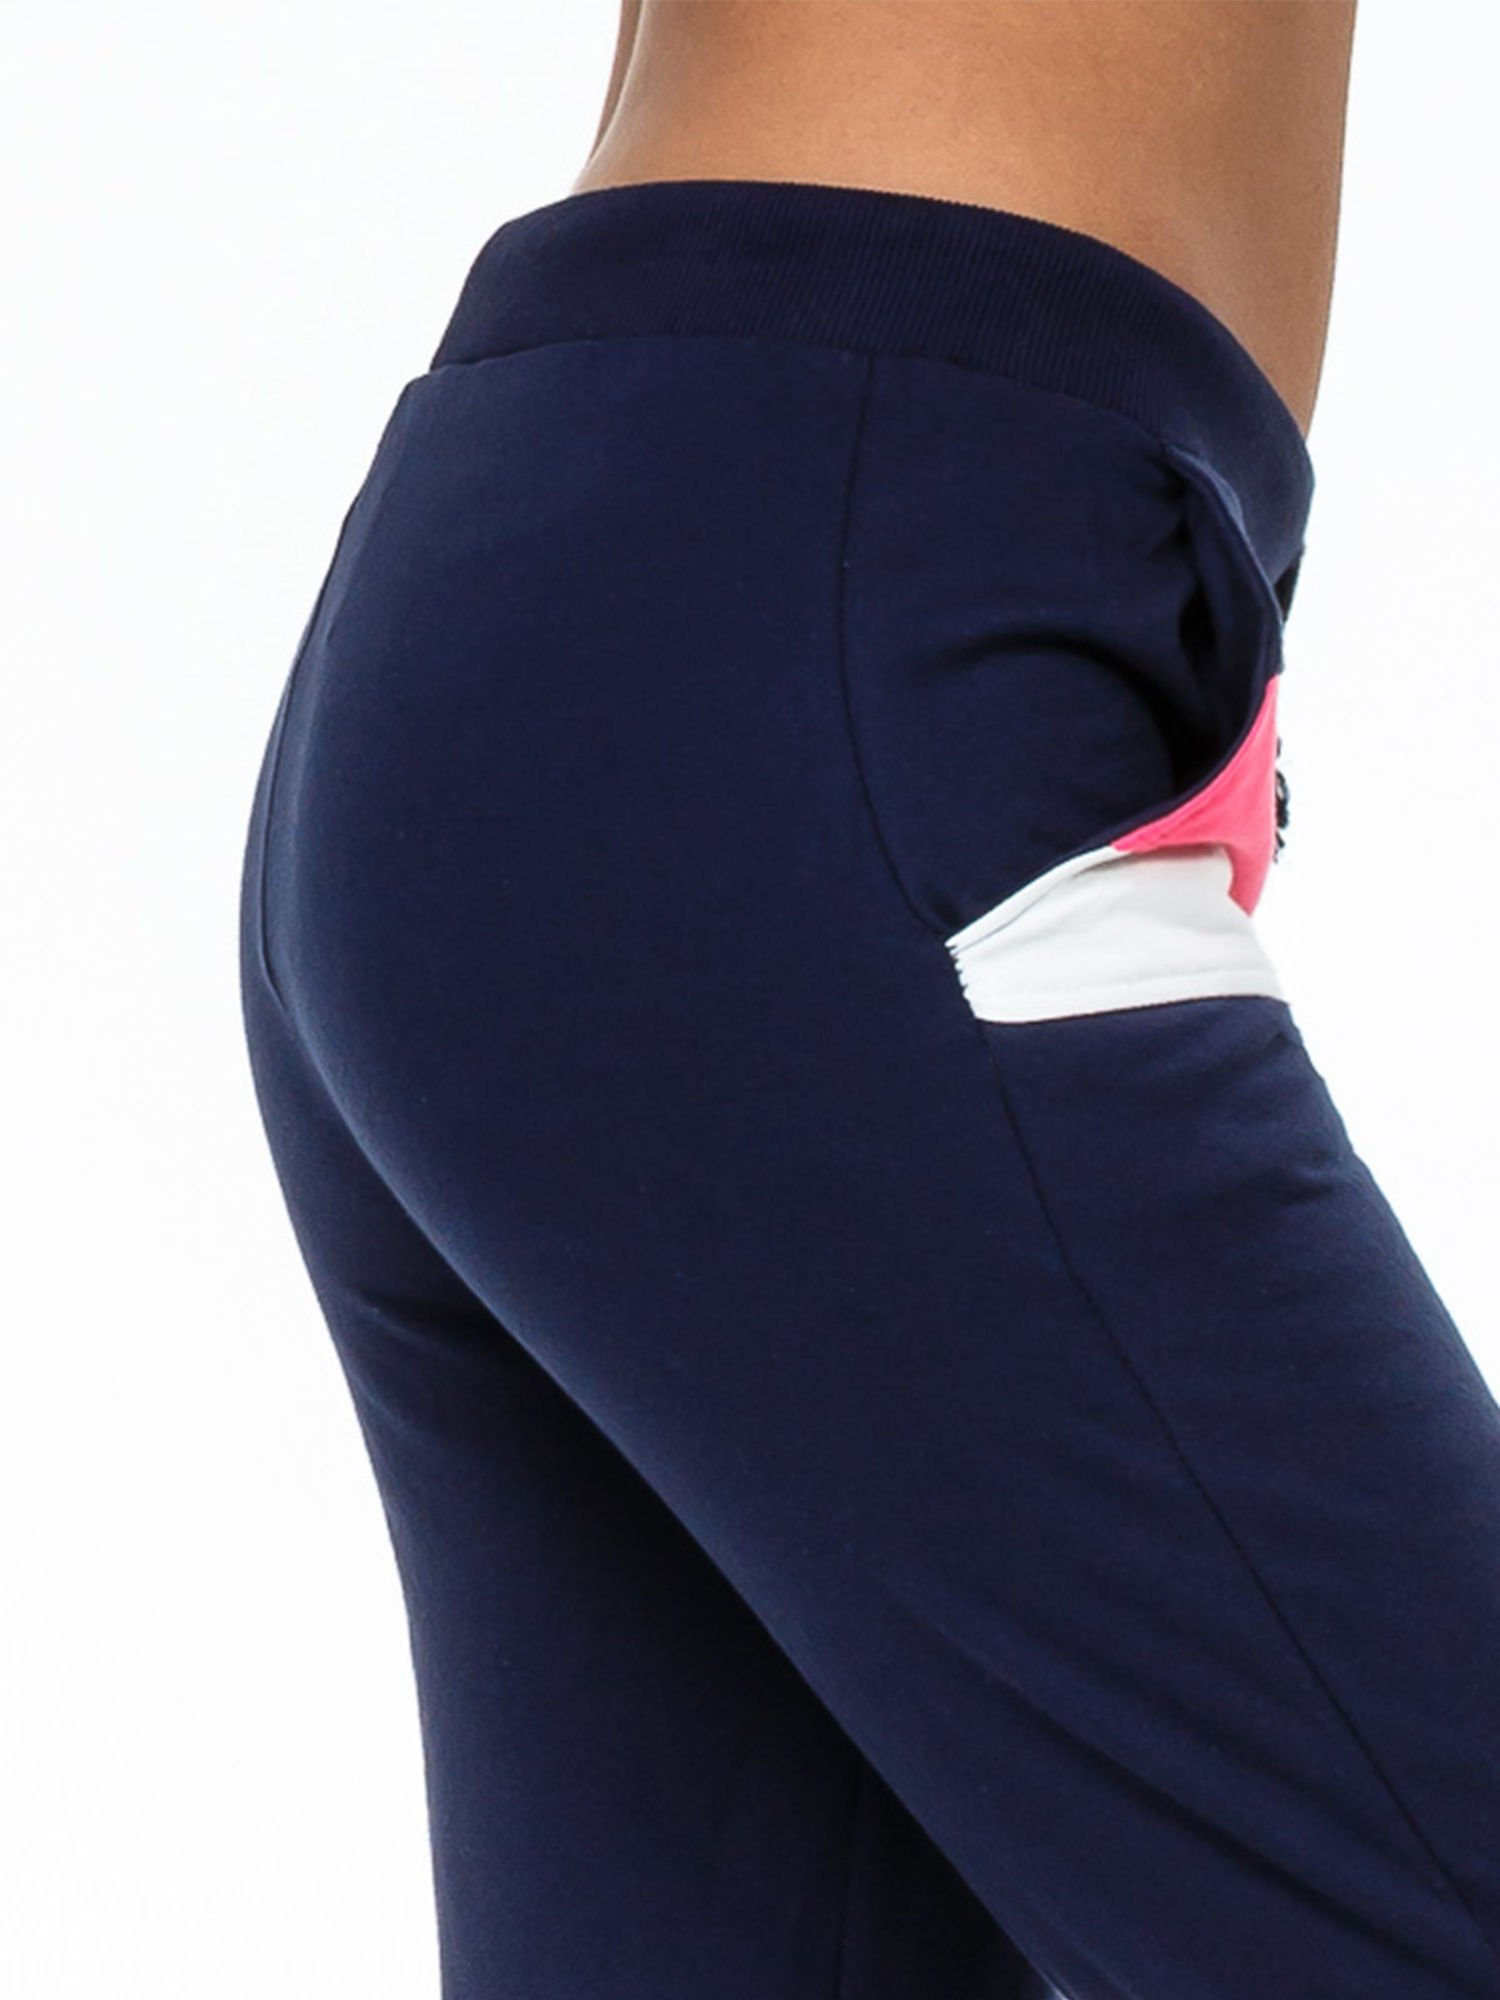 Granatowe spodnie dresowe z kolorową wstawką                                  zdj.                                  5